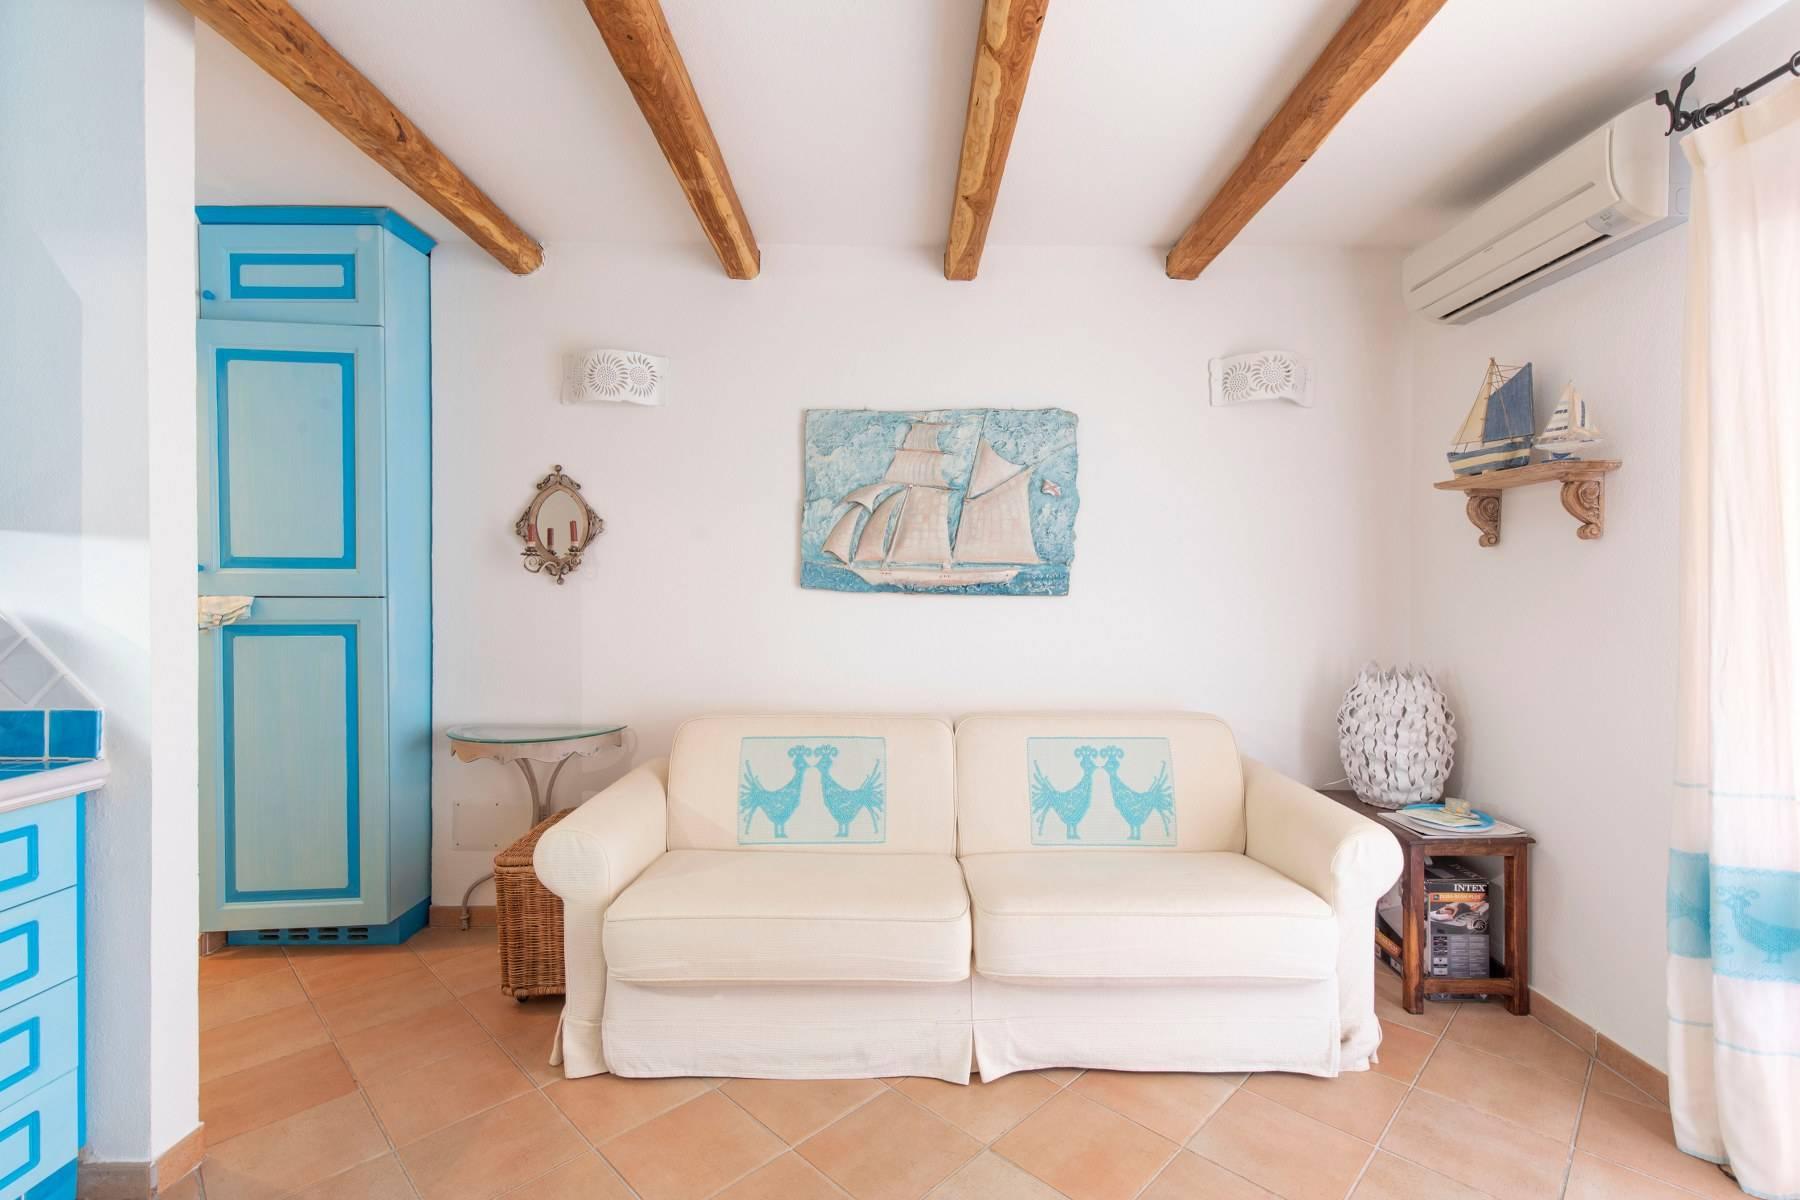 Appartamento in Vendita a Arzachena: 3 locali, 60 mq - Foto 6